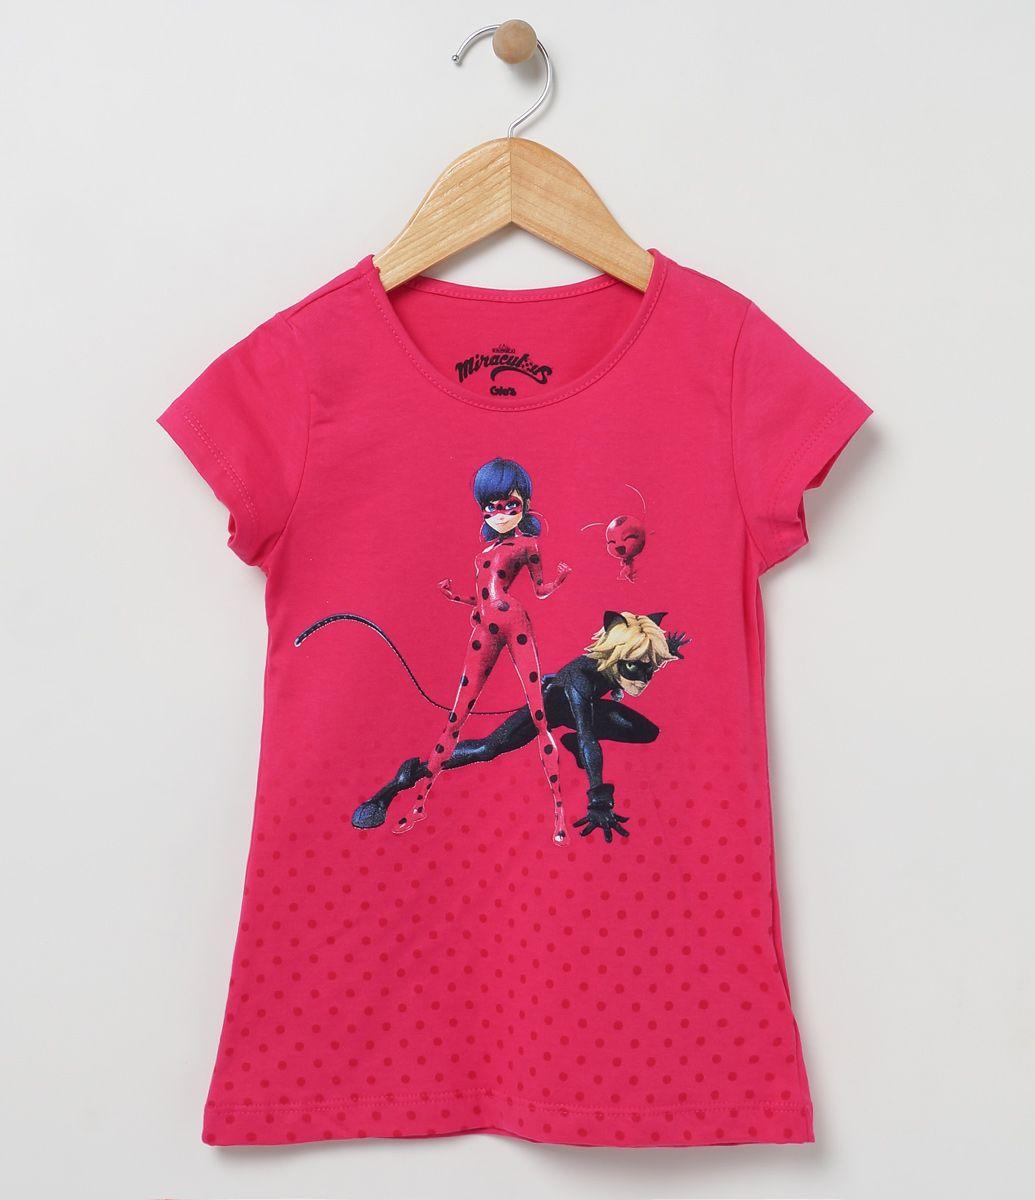 Blusa infantil    Manga curta    Gola redonda    Com estampa    Marca: Ladybug    Tecido: meia malha             COLEÇÃO VERÃO 2017             Veja mais opções de      blusas infantis.